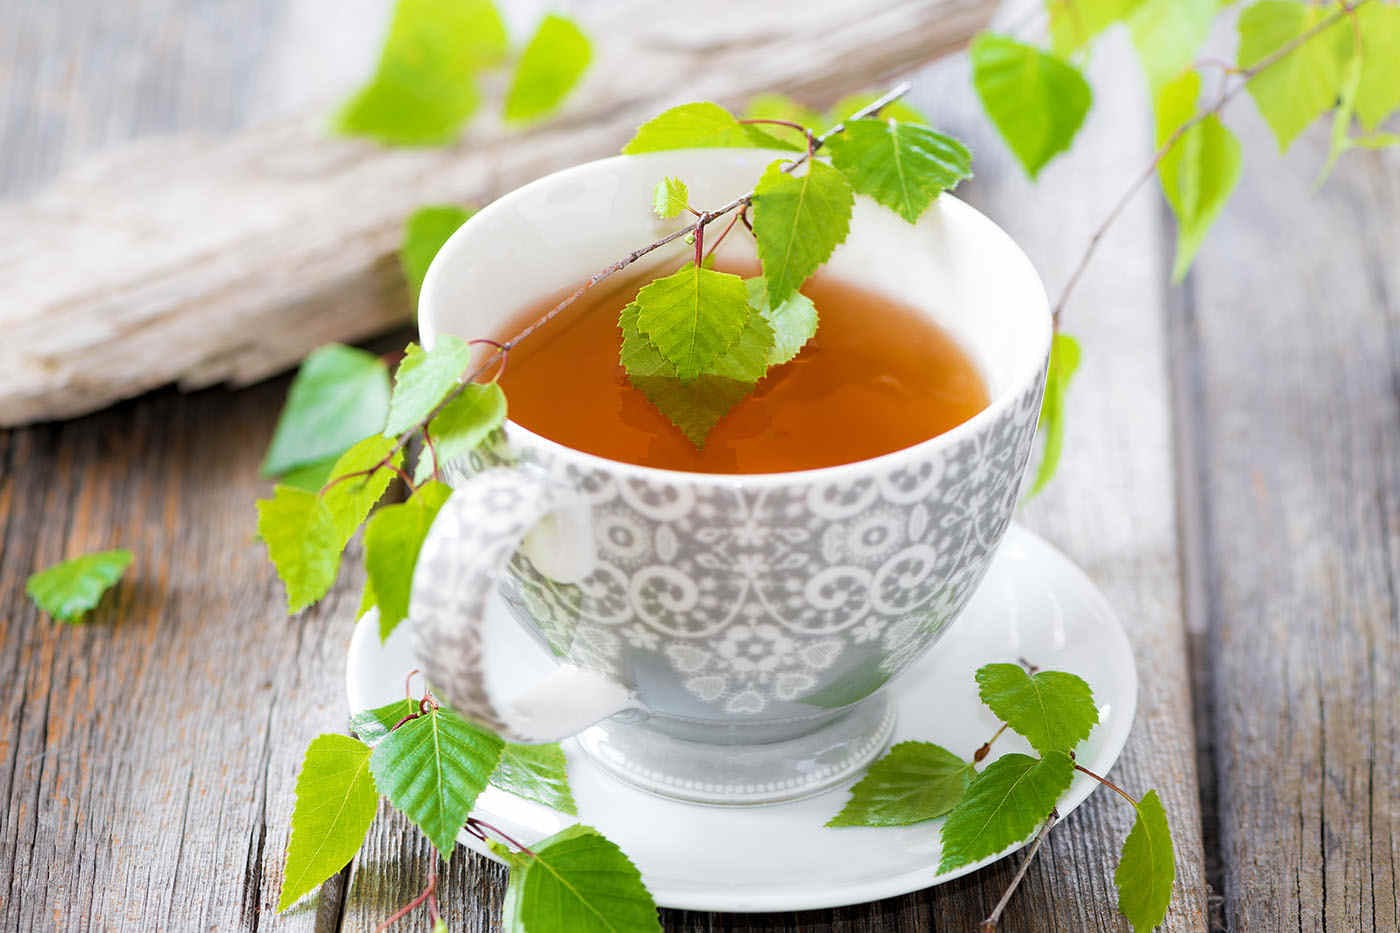 Ceai din frunze de mesteacăn: beneficii și proprietăți